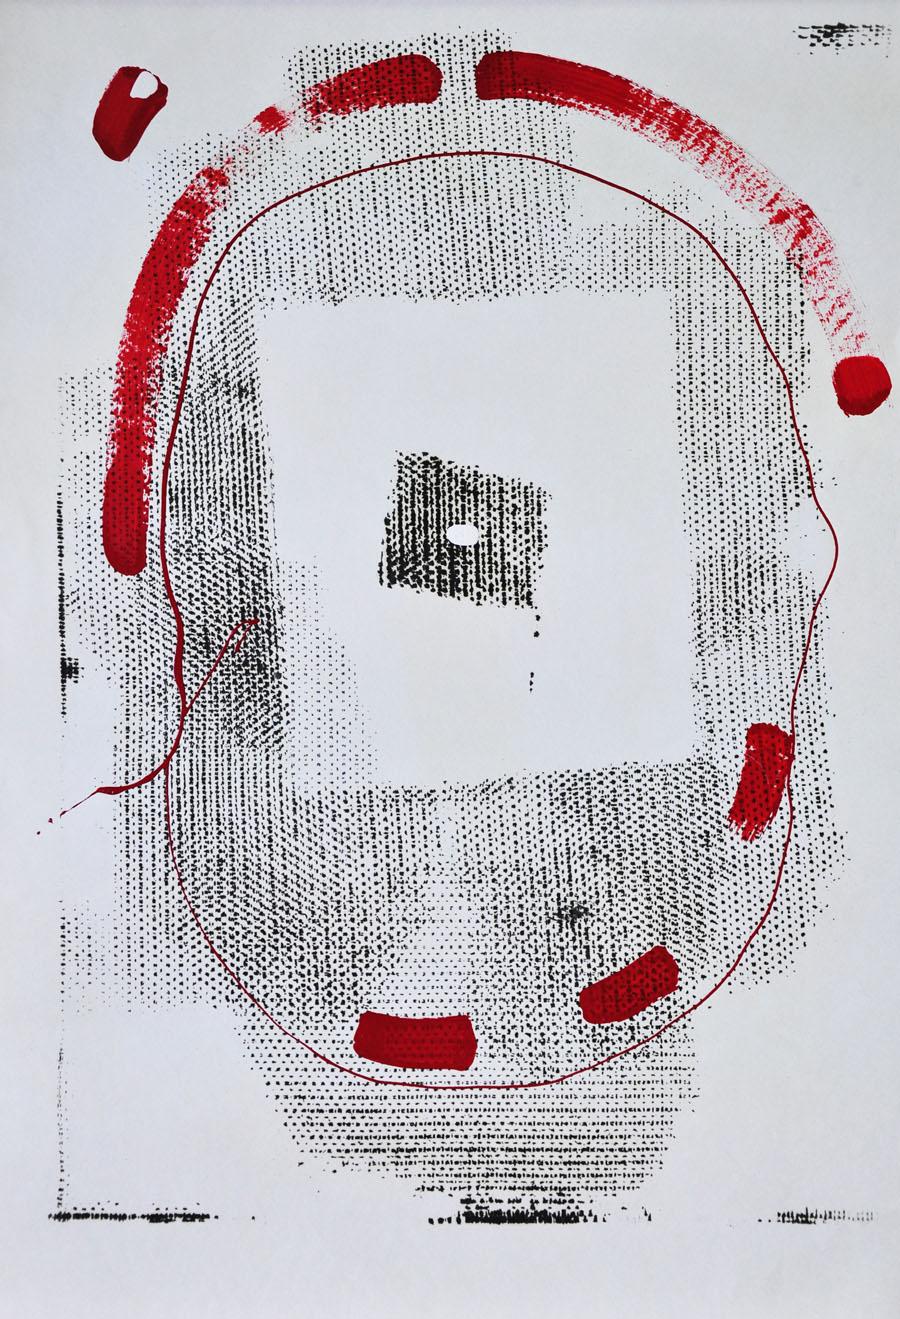 V.F. 1987. 40 x 56. Paper, oil,lacquer.